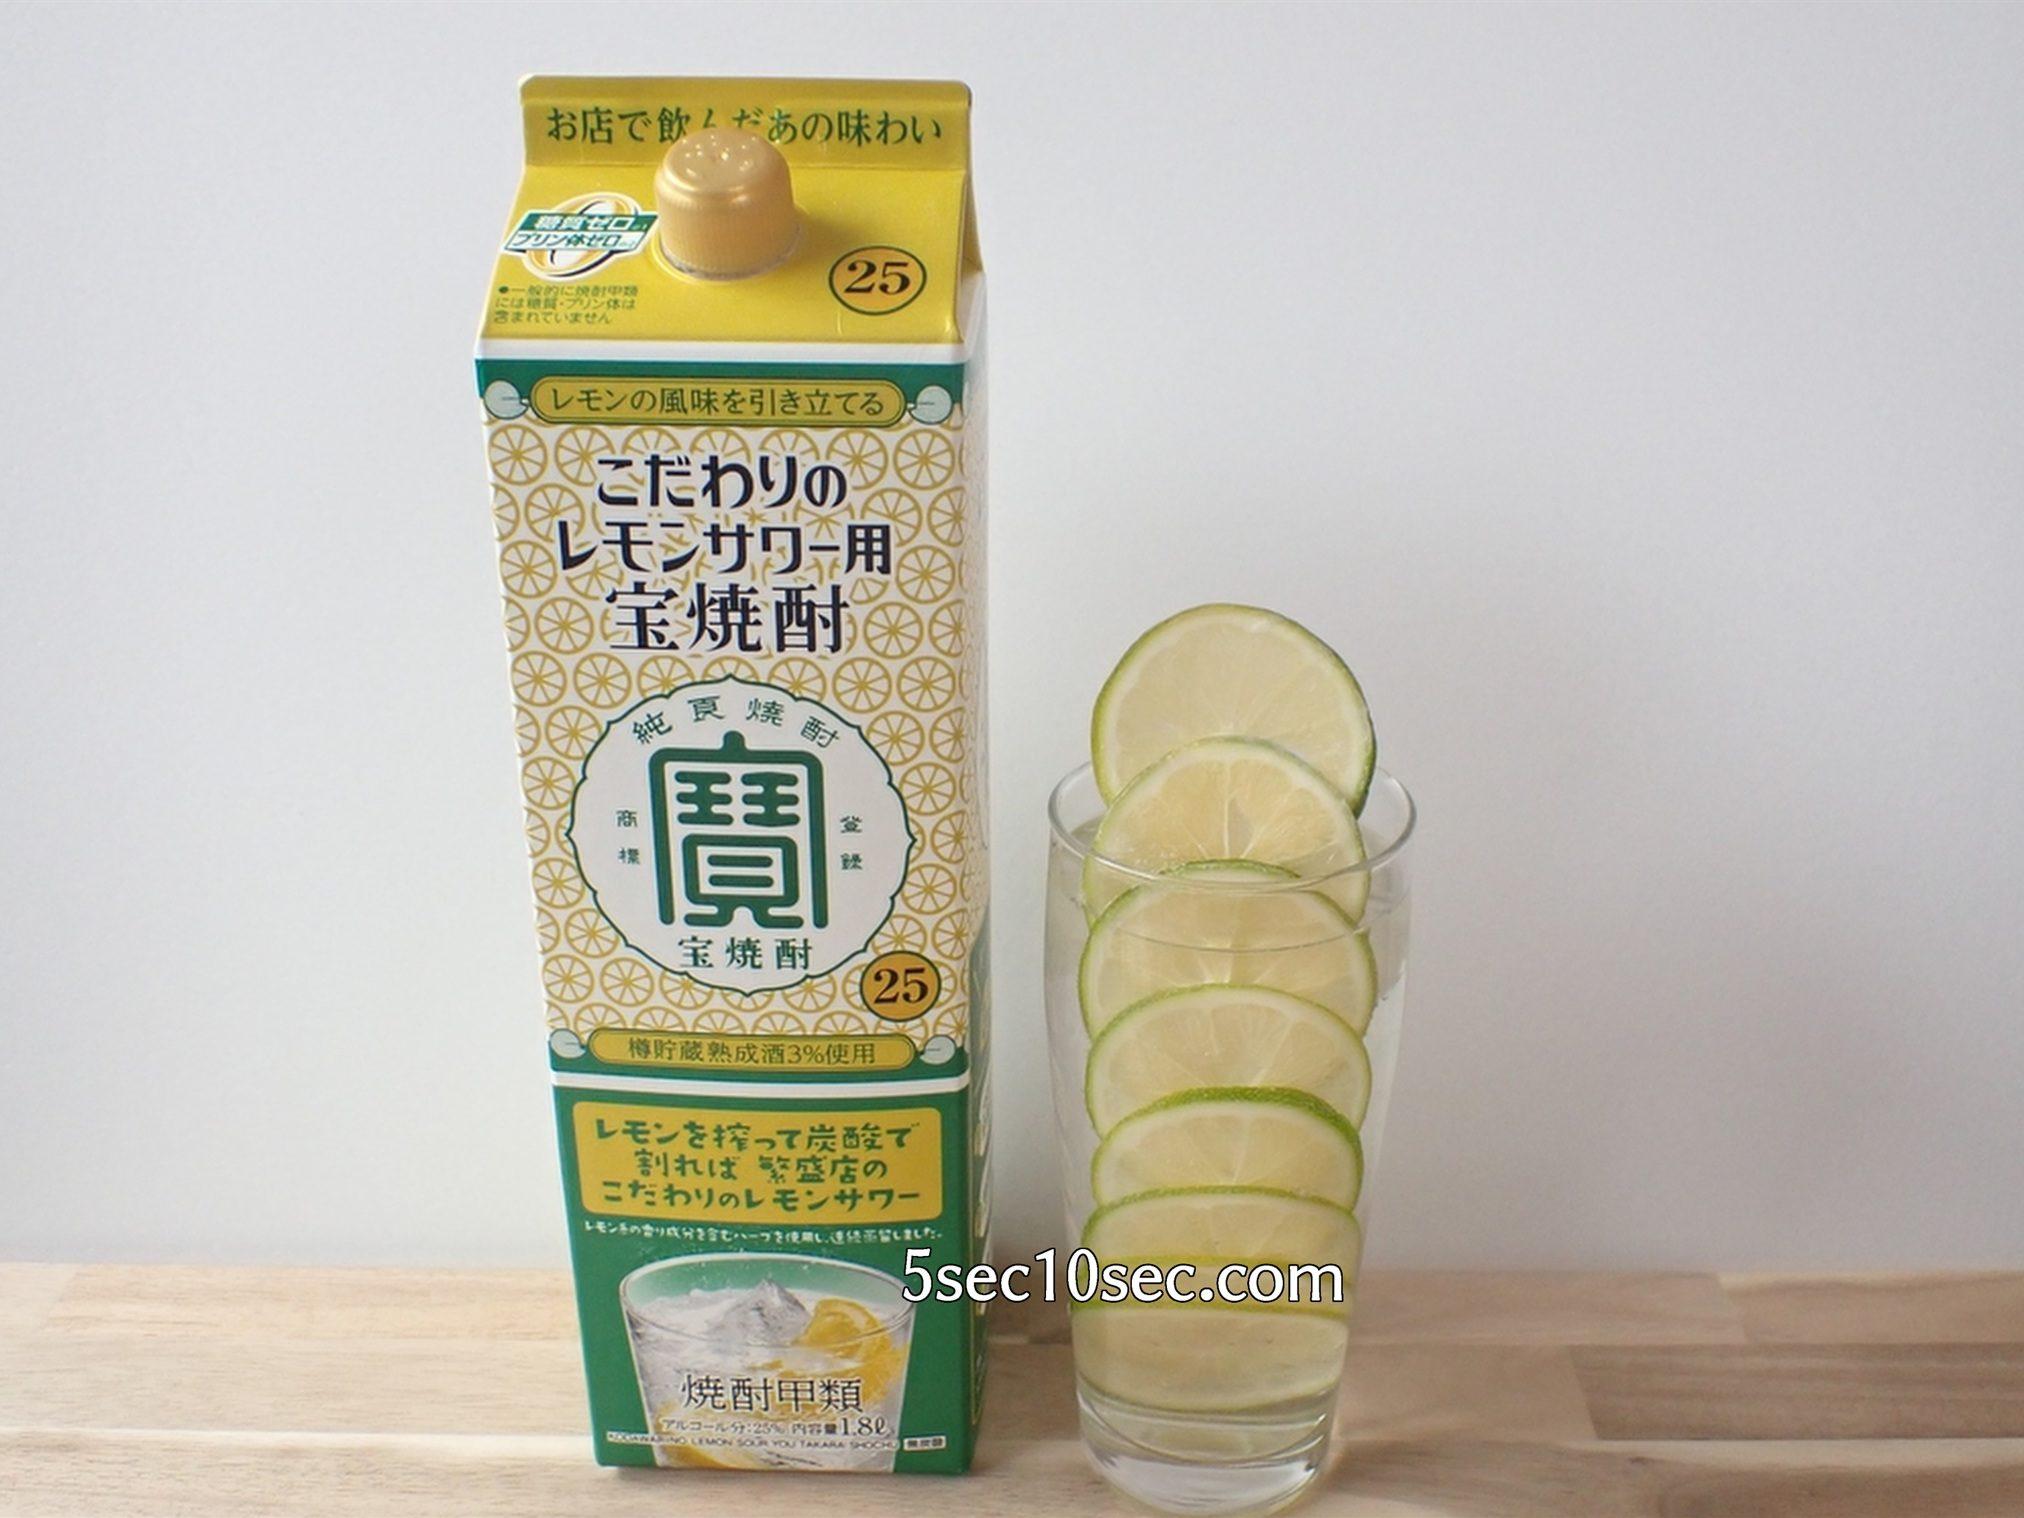 宝酒造 こだわりのレモンサワー用 宝焼酎 レモンタワーの作り方